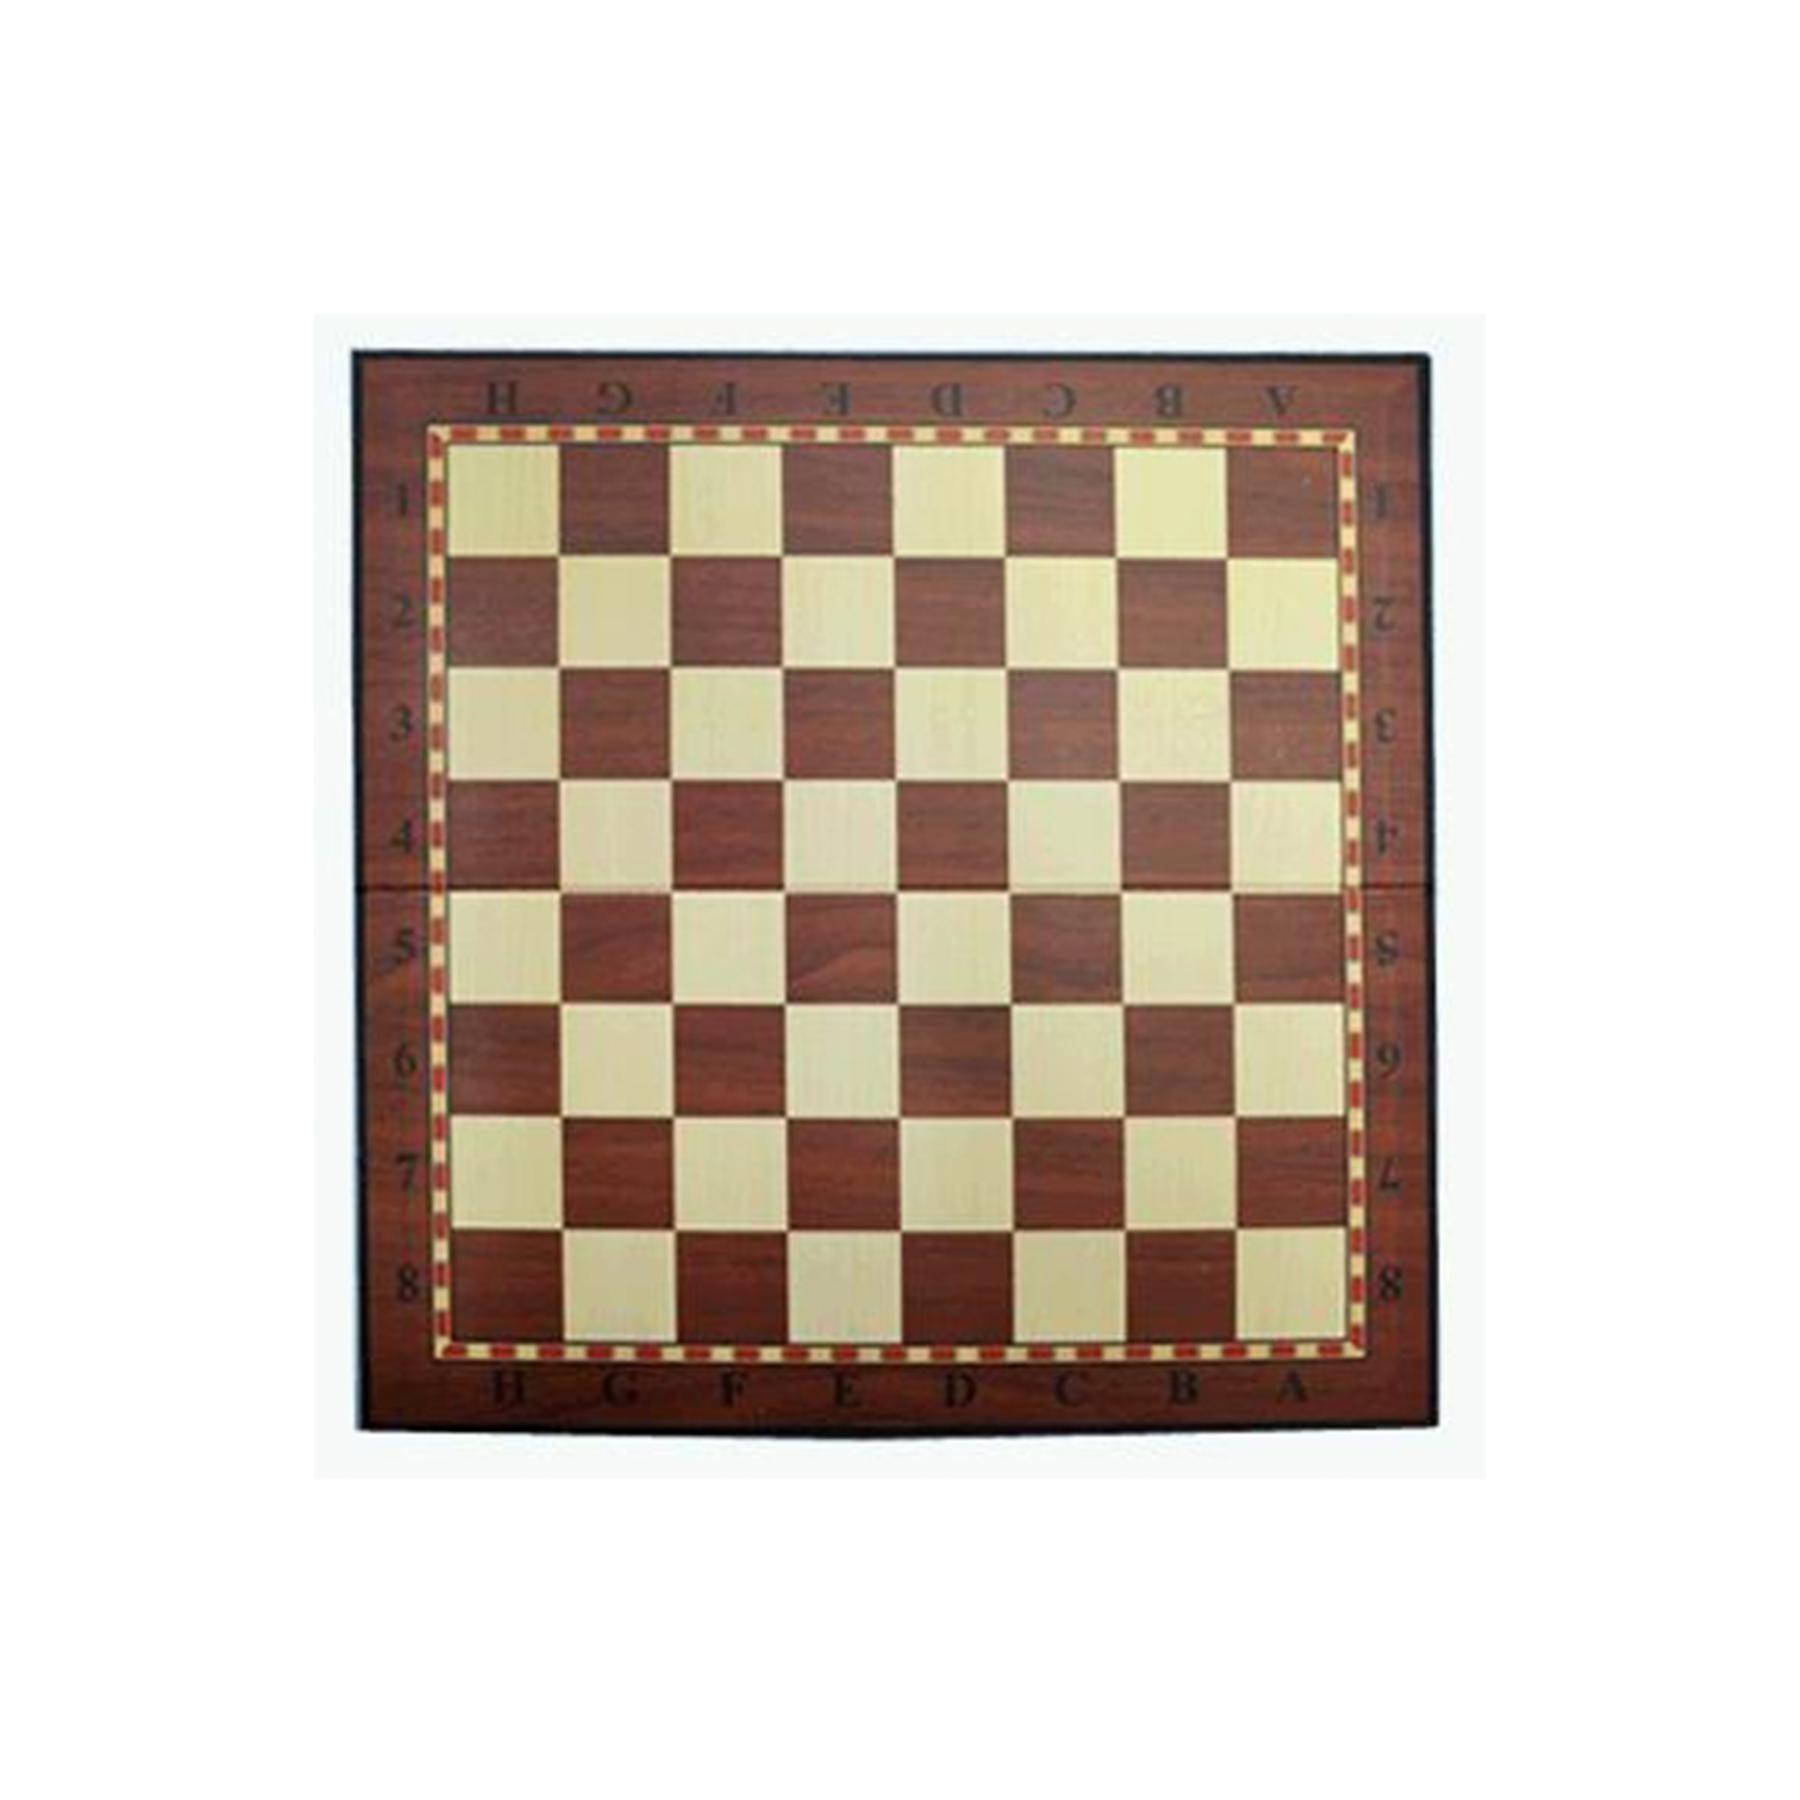 Доска картонная для игры в шахматы, шашки.Материал: картон.Размер 28,5х28,5 см.Q029(09280)